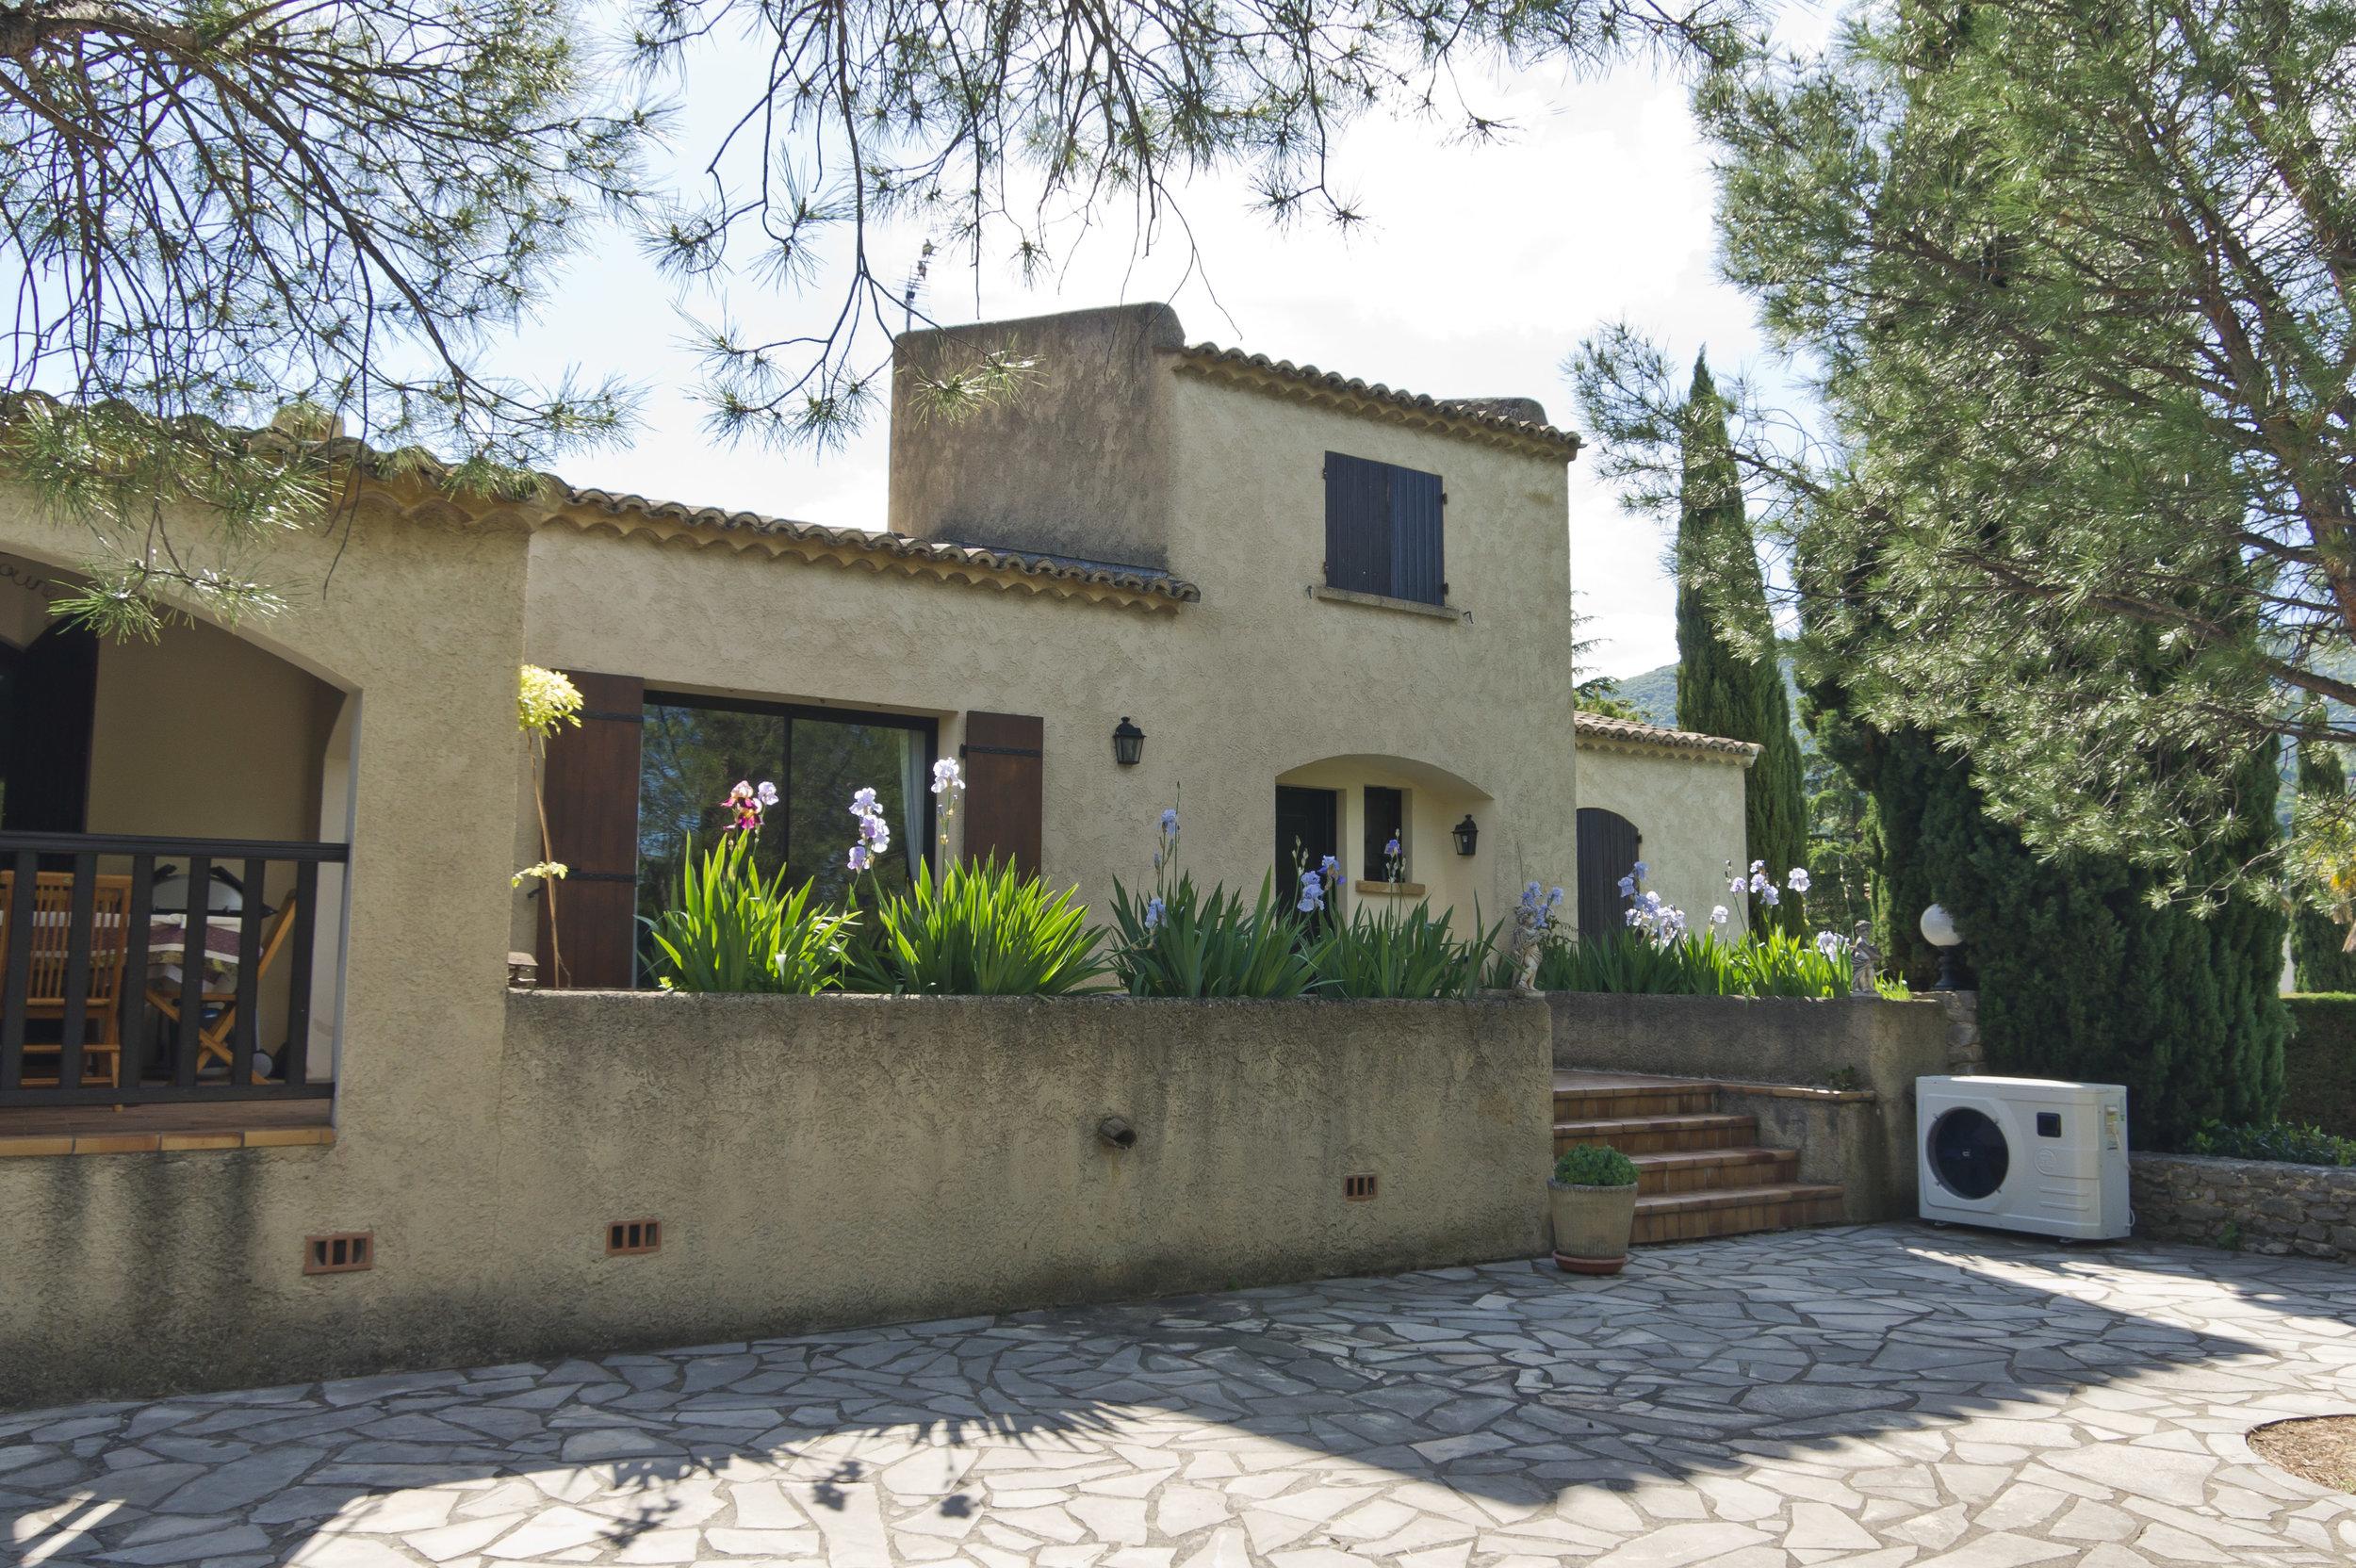 feriebolig-Provence-pool-DSC00596-2.jpg